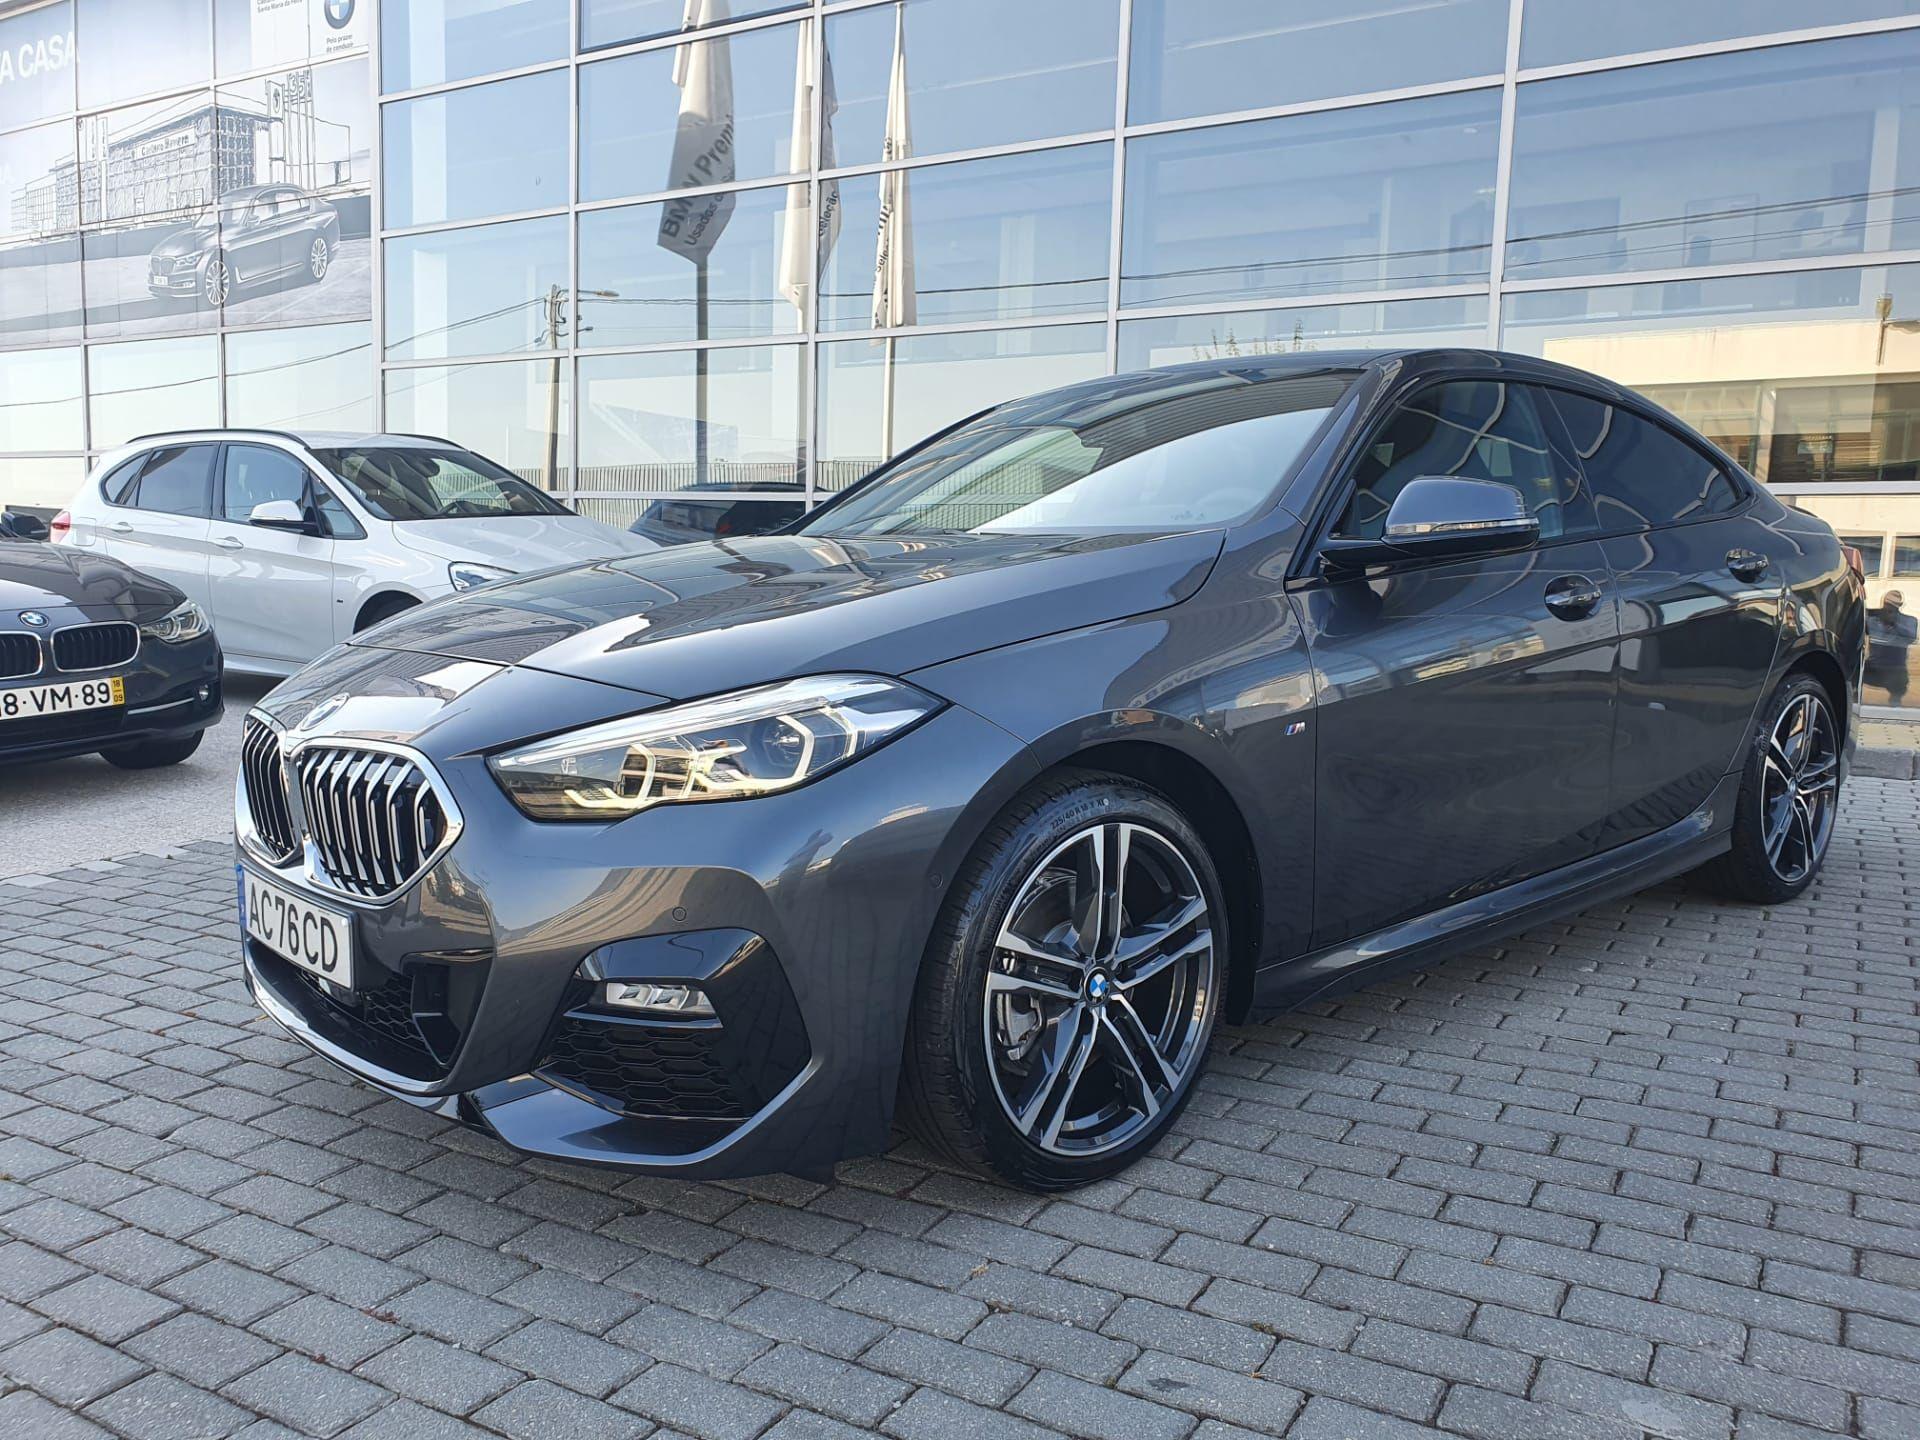 BMW Série 2 216d Auto Pack M (Viatura Demonstração) segunda mão Aveiro